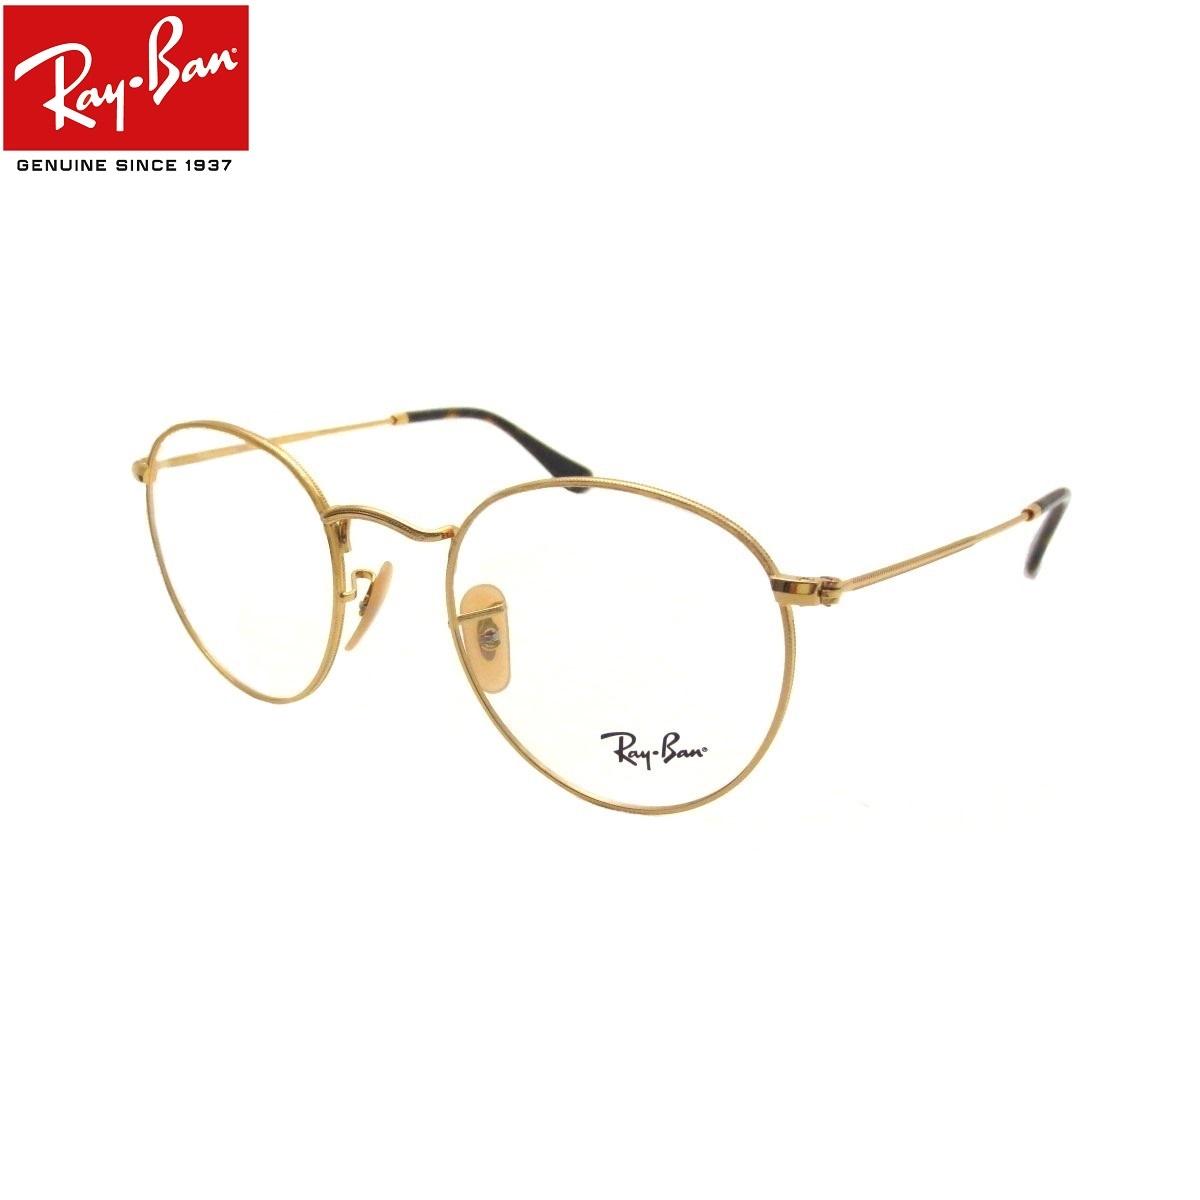 あす楽対応 正規商品販売店 レイバンブルーライトカット 老眼鏡 UVカット 超撥水 防汚コート付 +1.00 +1.25 +1.50 +1.75 +2.00 +2.25 +2.50 +2.75 +3.00 +3.50 +4.00 ブルーライトカット老眼鏡 メガネ 中間度数 かっこいいシニアグラス Ray-Ban RX3447V 2500(50)ラウンドメタル ROUNDMETALメンズ レディース 男女兼用 UVカット・ブルーライトカットレンズPC・スマホ 【正規メーカー保証書付】【あす楽対応】